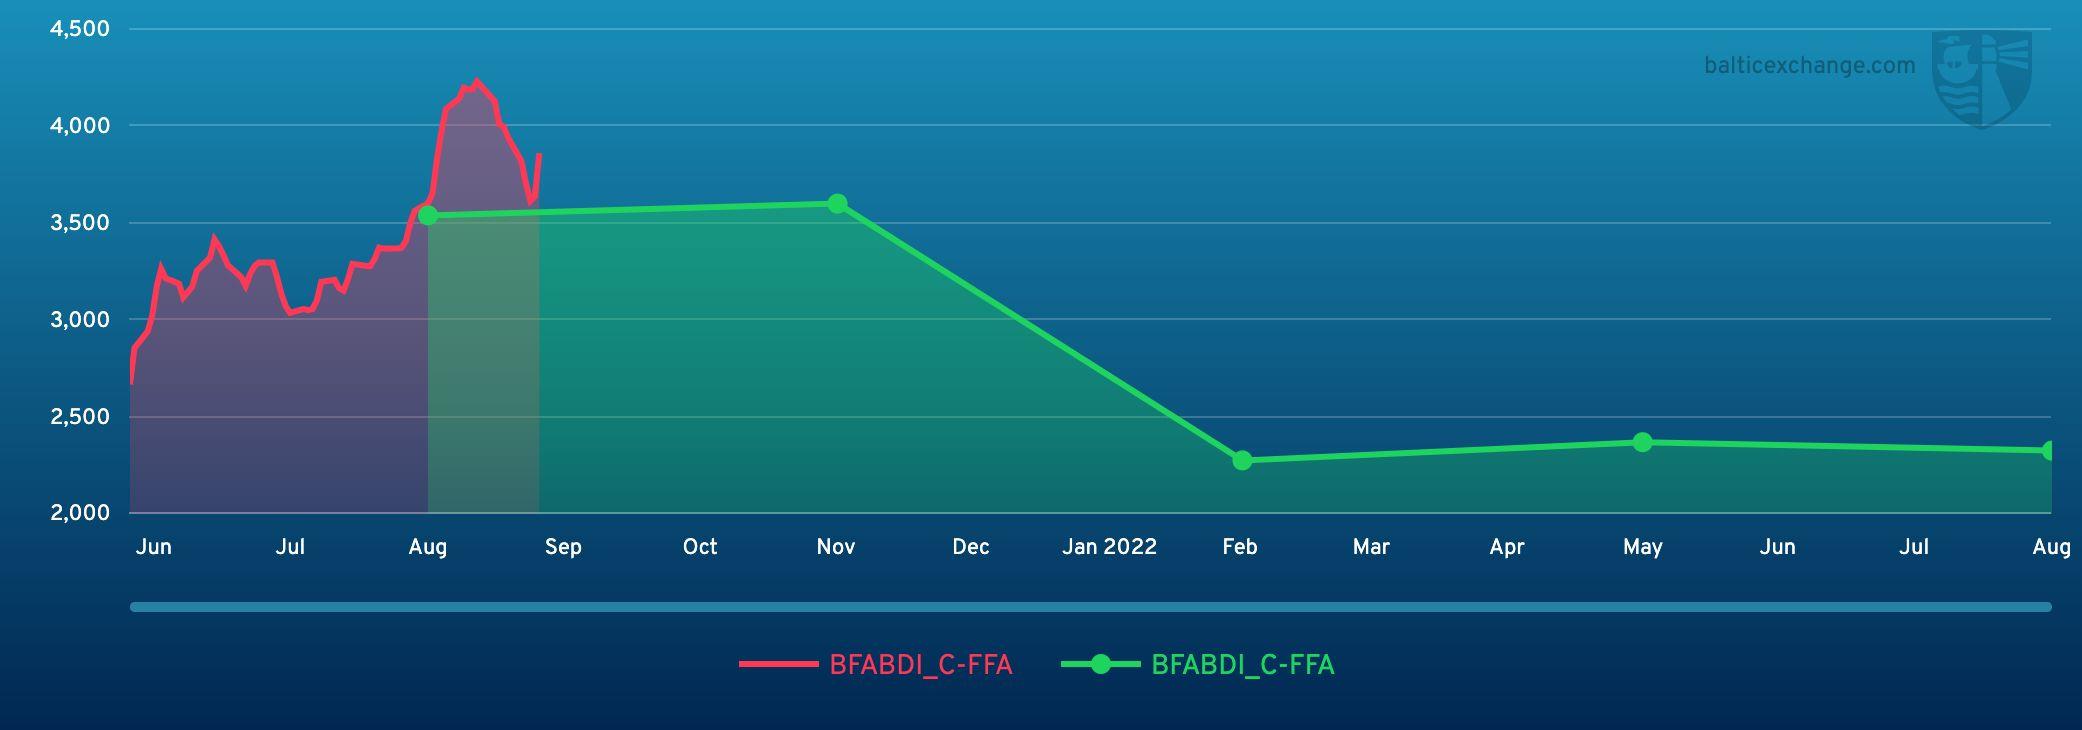 BFABDI_C-FFA 100621 160822.jpg